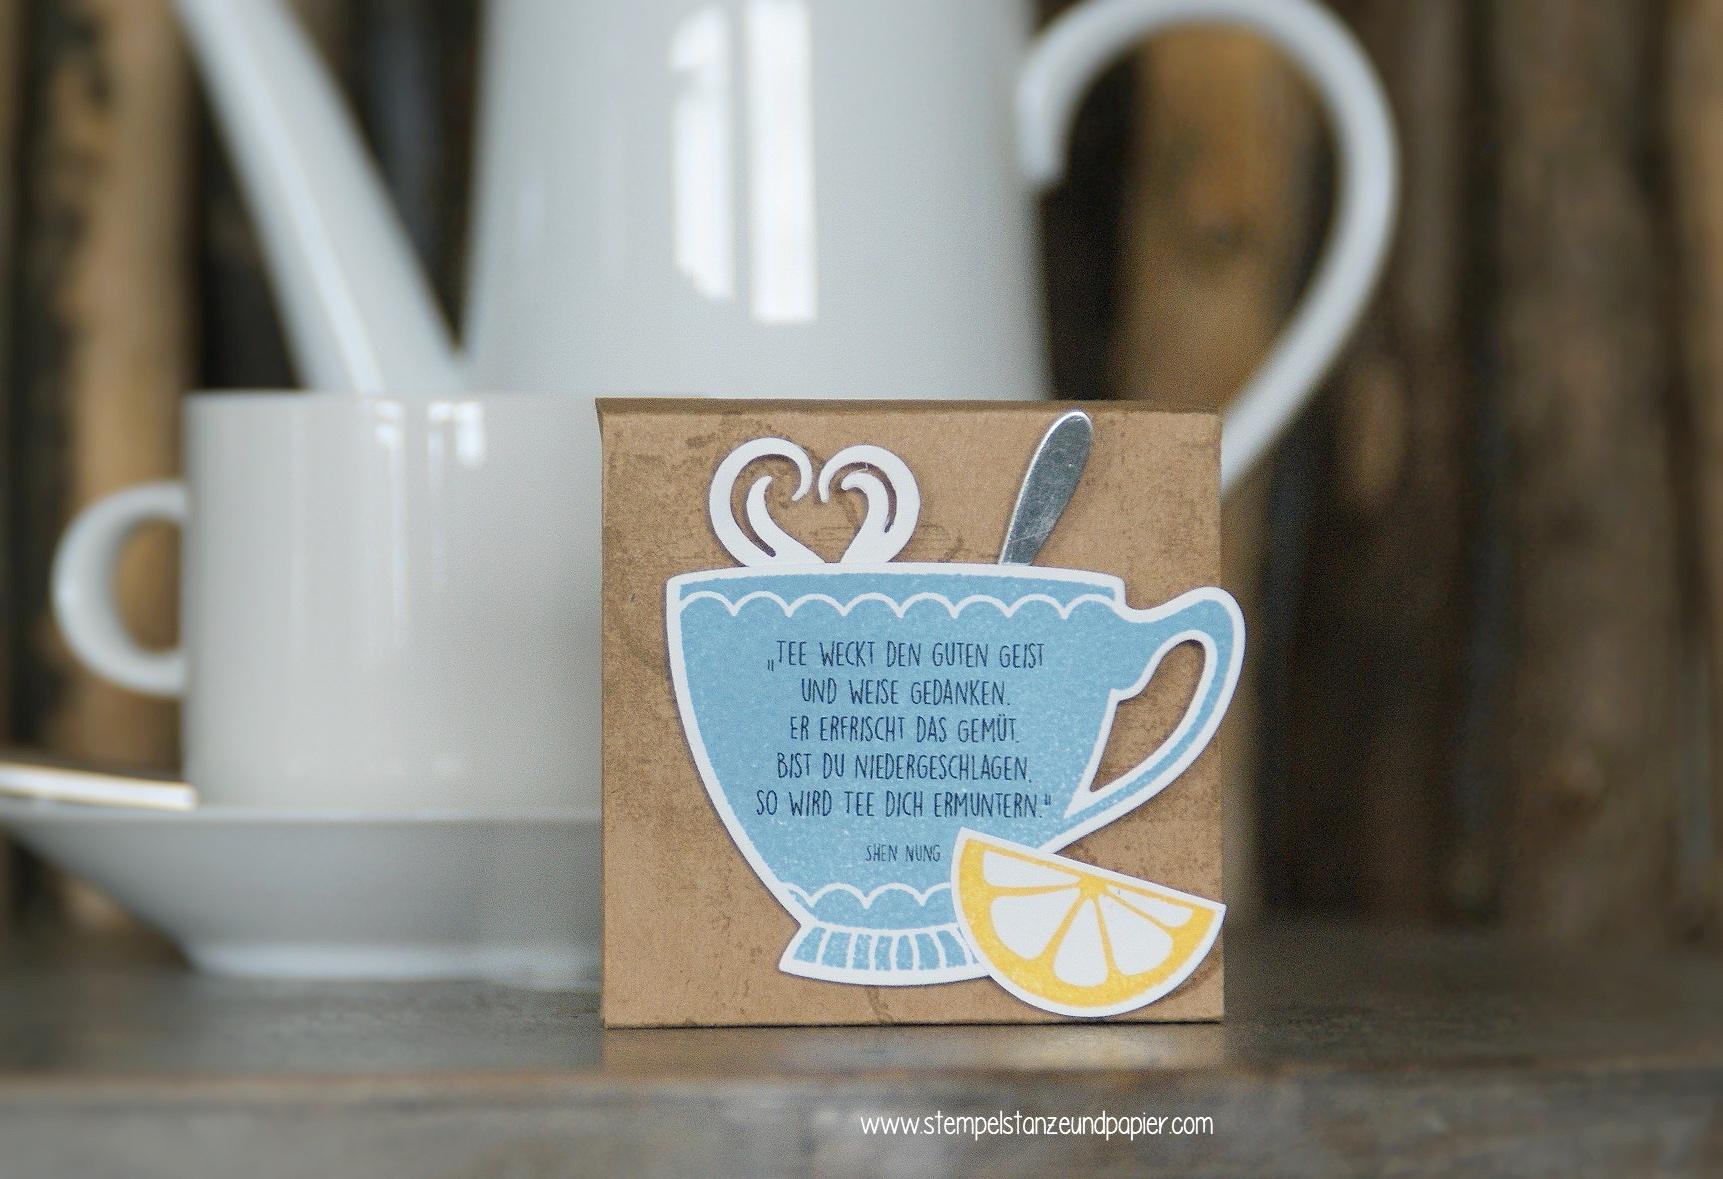 Gemütlich Schaffen Küche Tee Einladungen Fotos - Ideen Für Die Küche ...